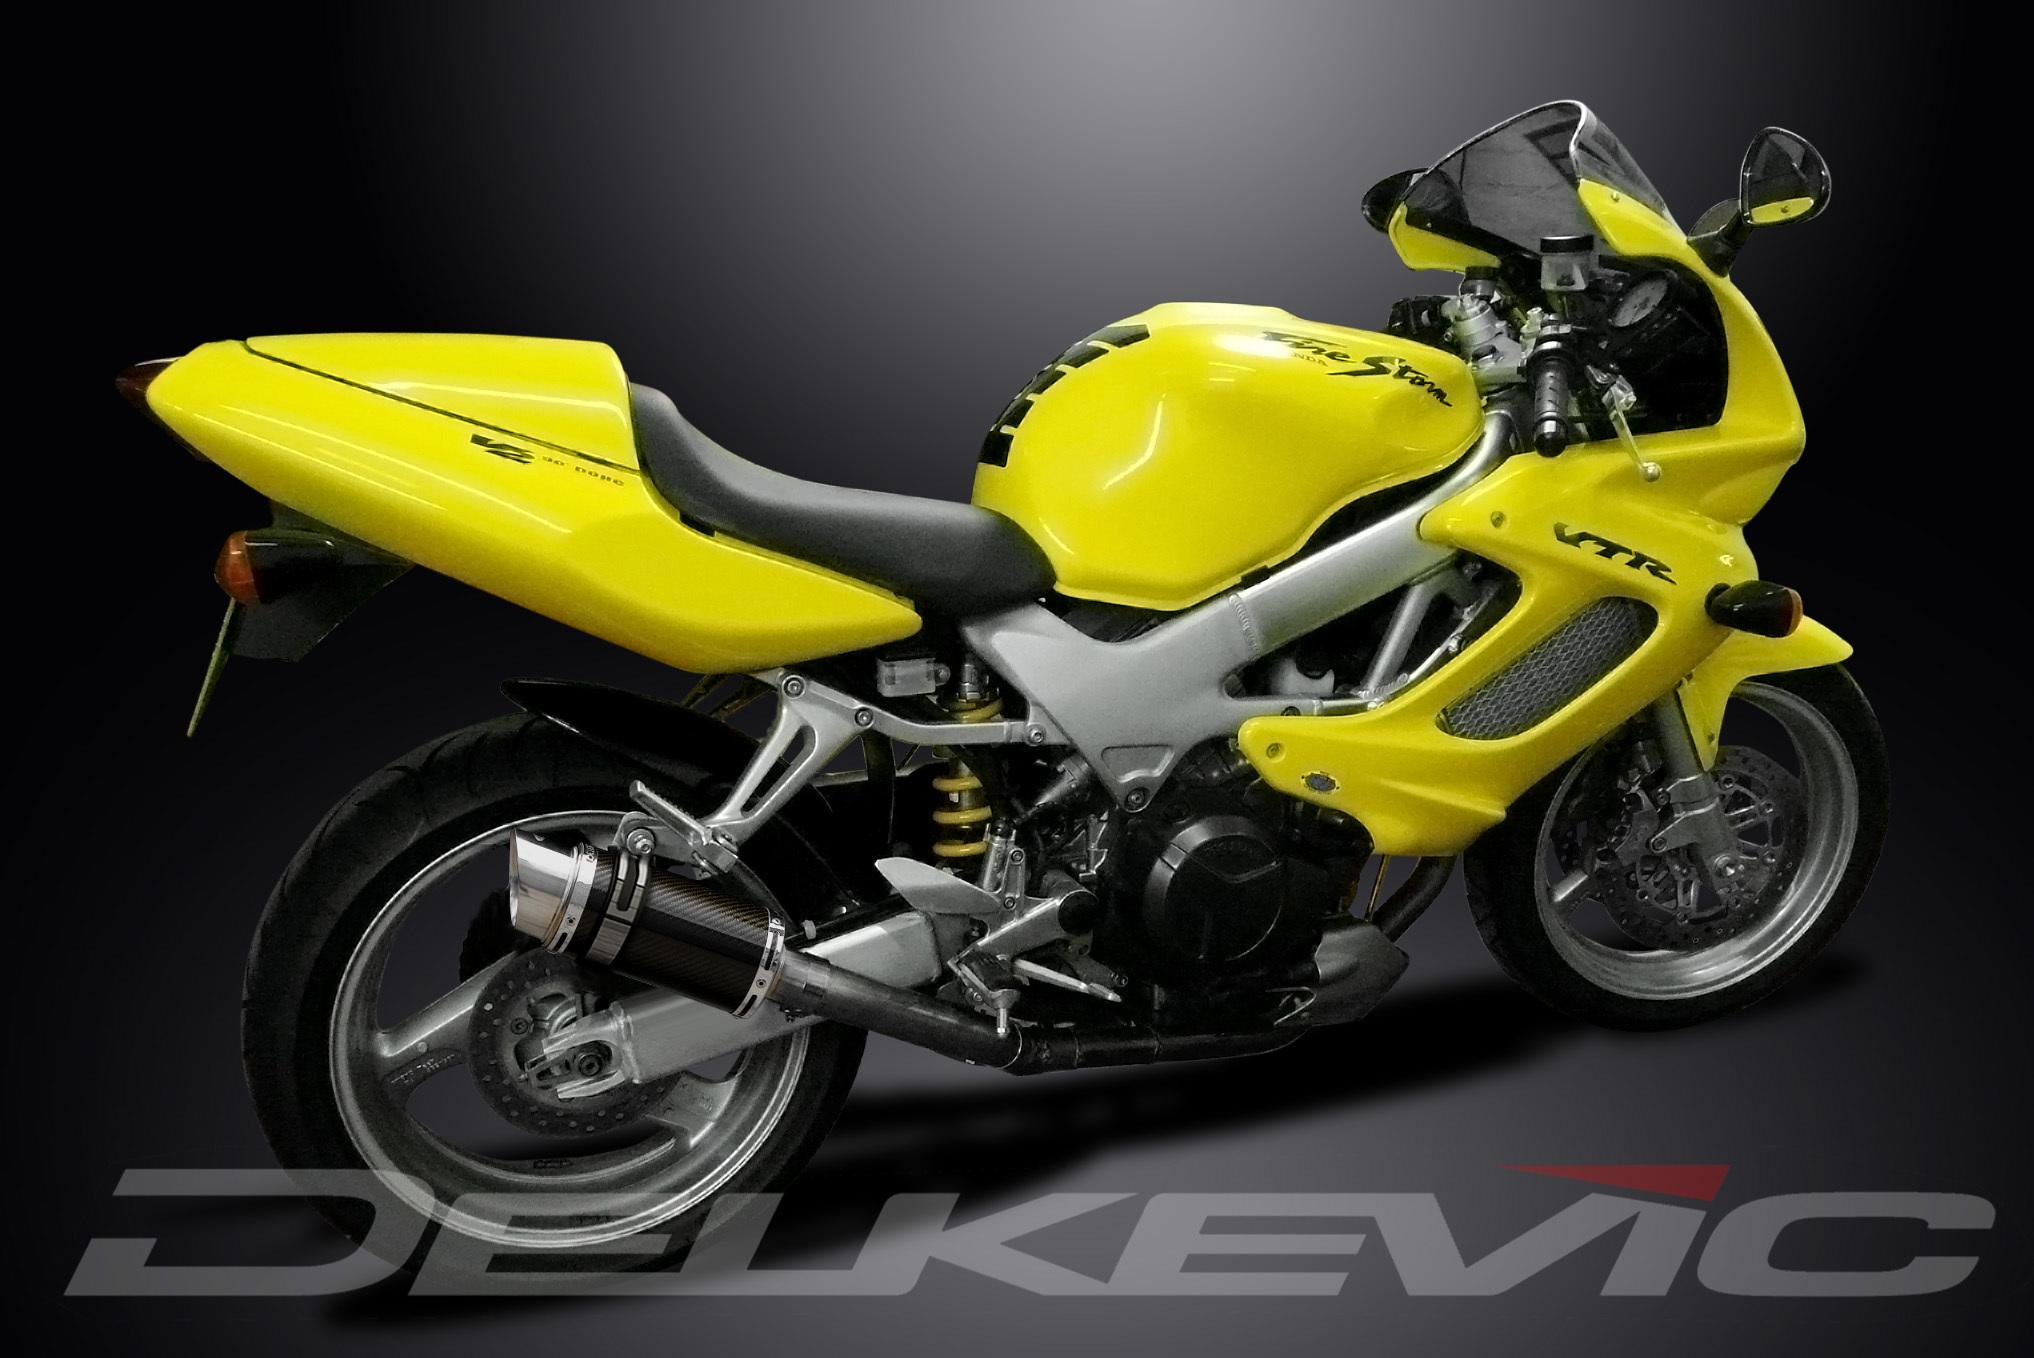 VTR1000F Super Hawk